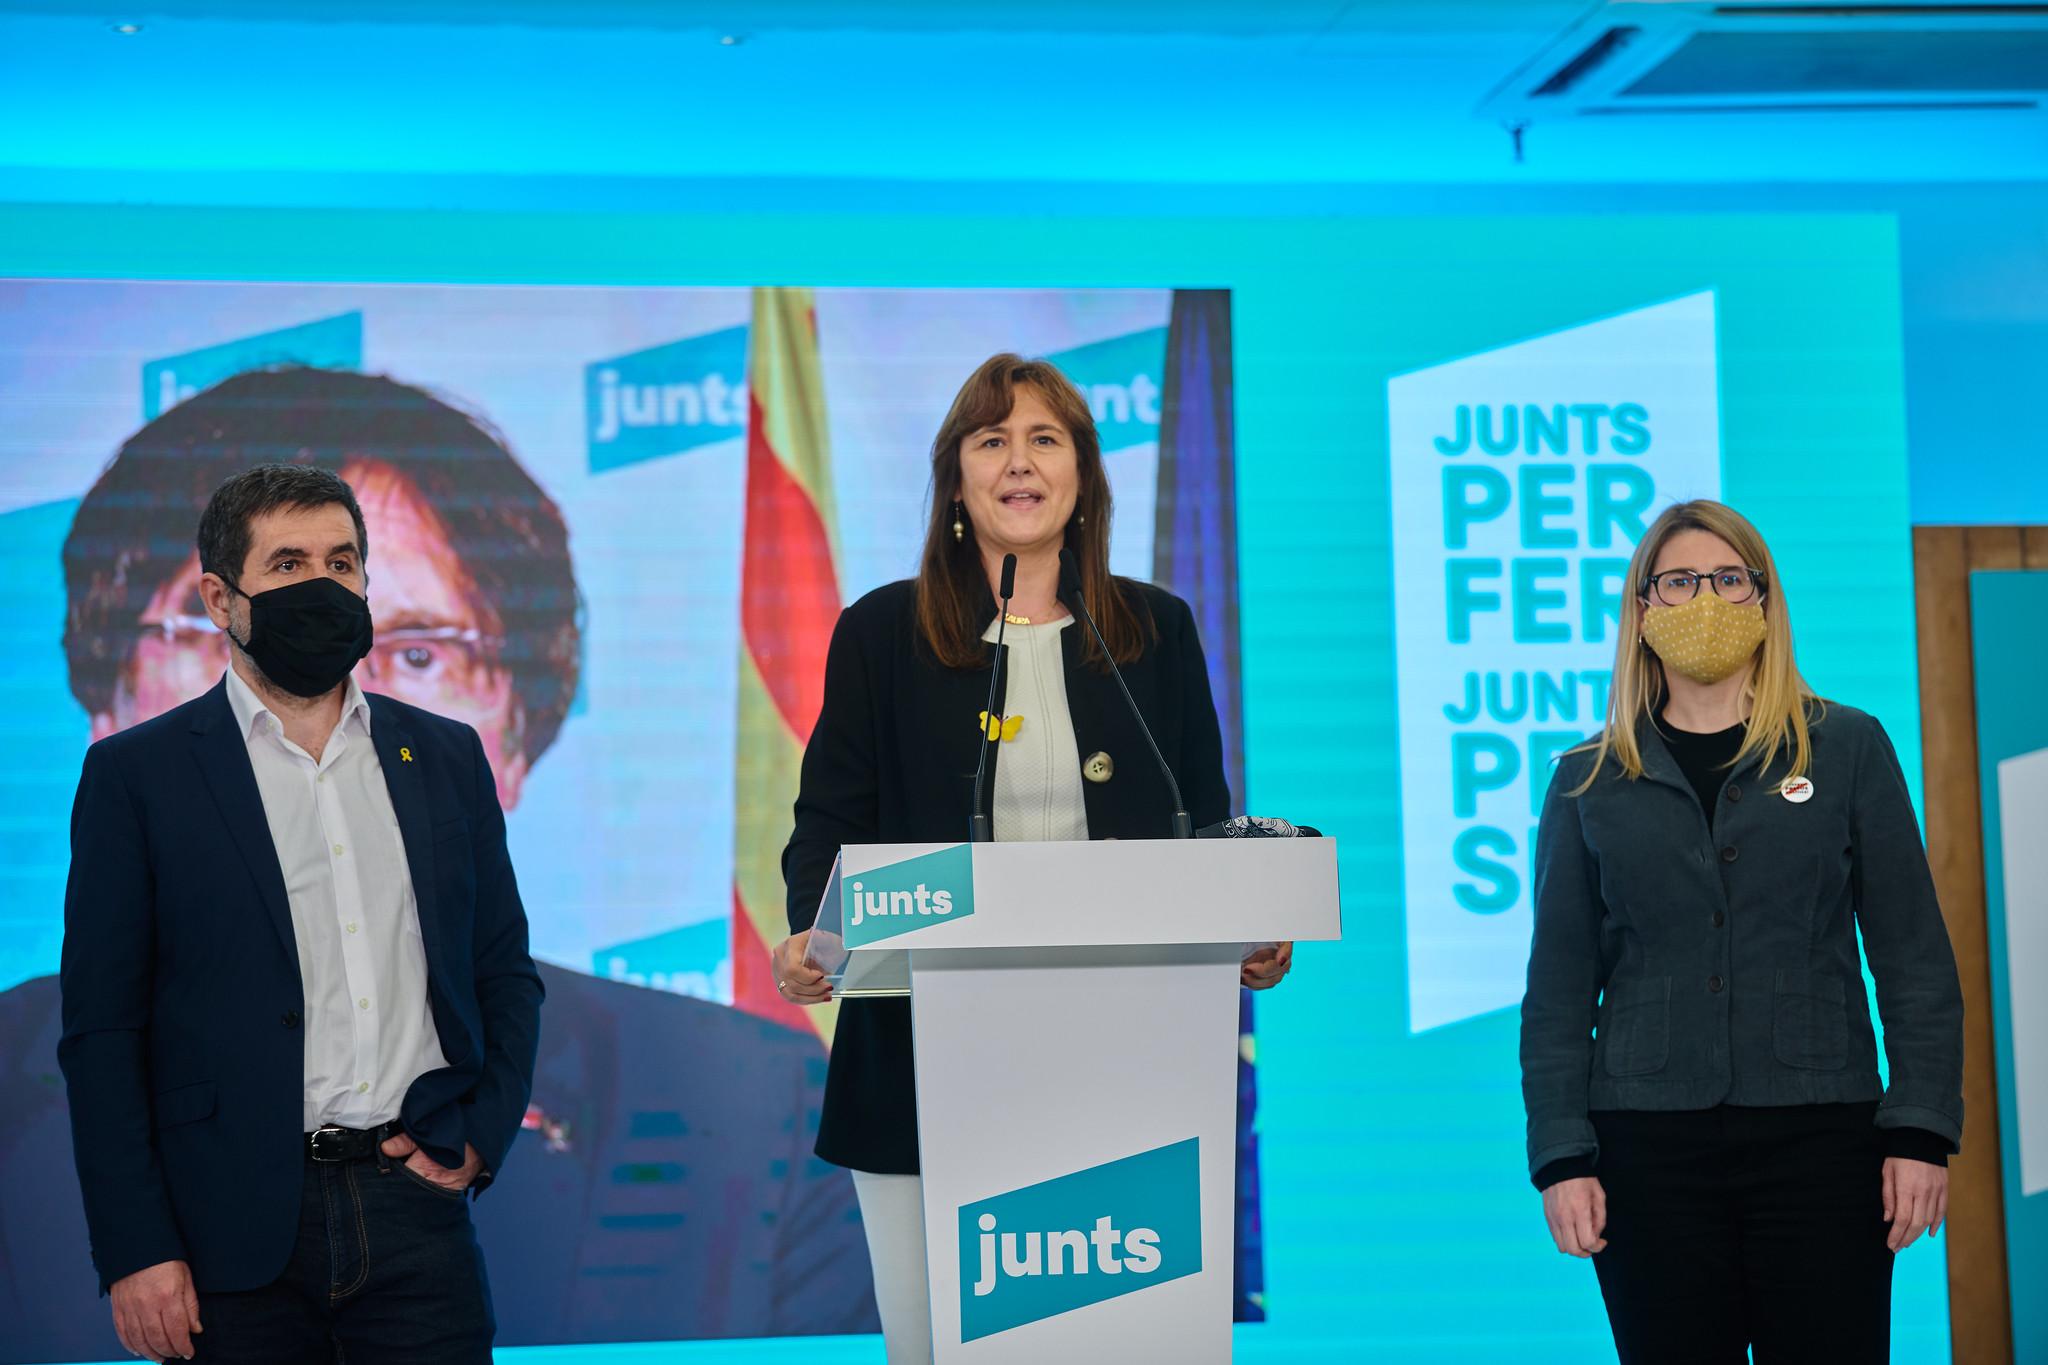 Laura Borràs, acompañada de Jordi Sànchez y Elsa Artadi en la noche electoral del 14-F en la sede de Junts per Catalunya / Julio Díaz